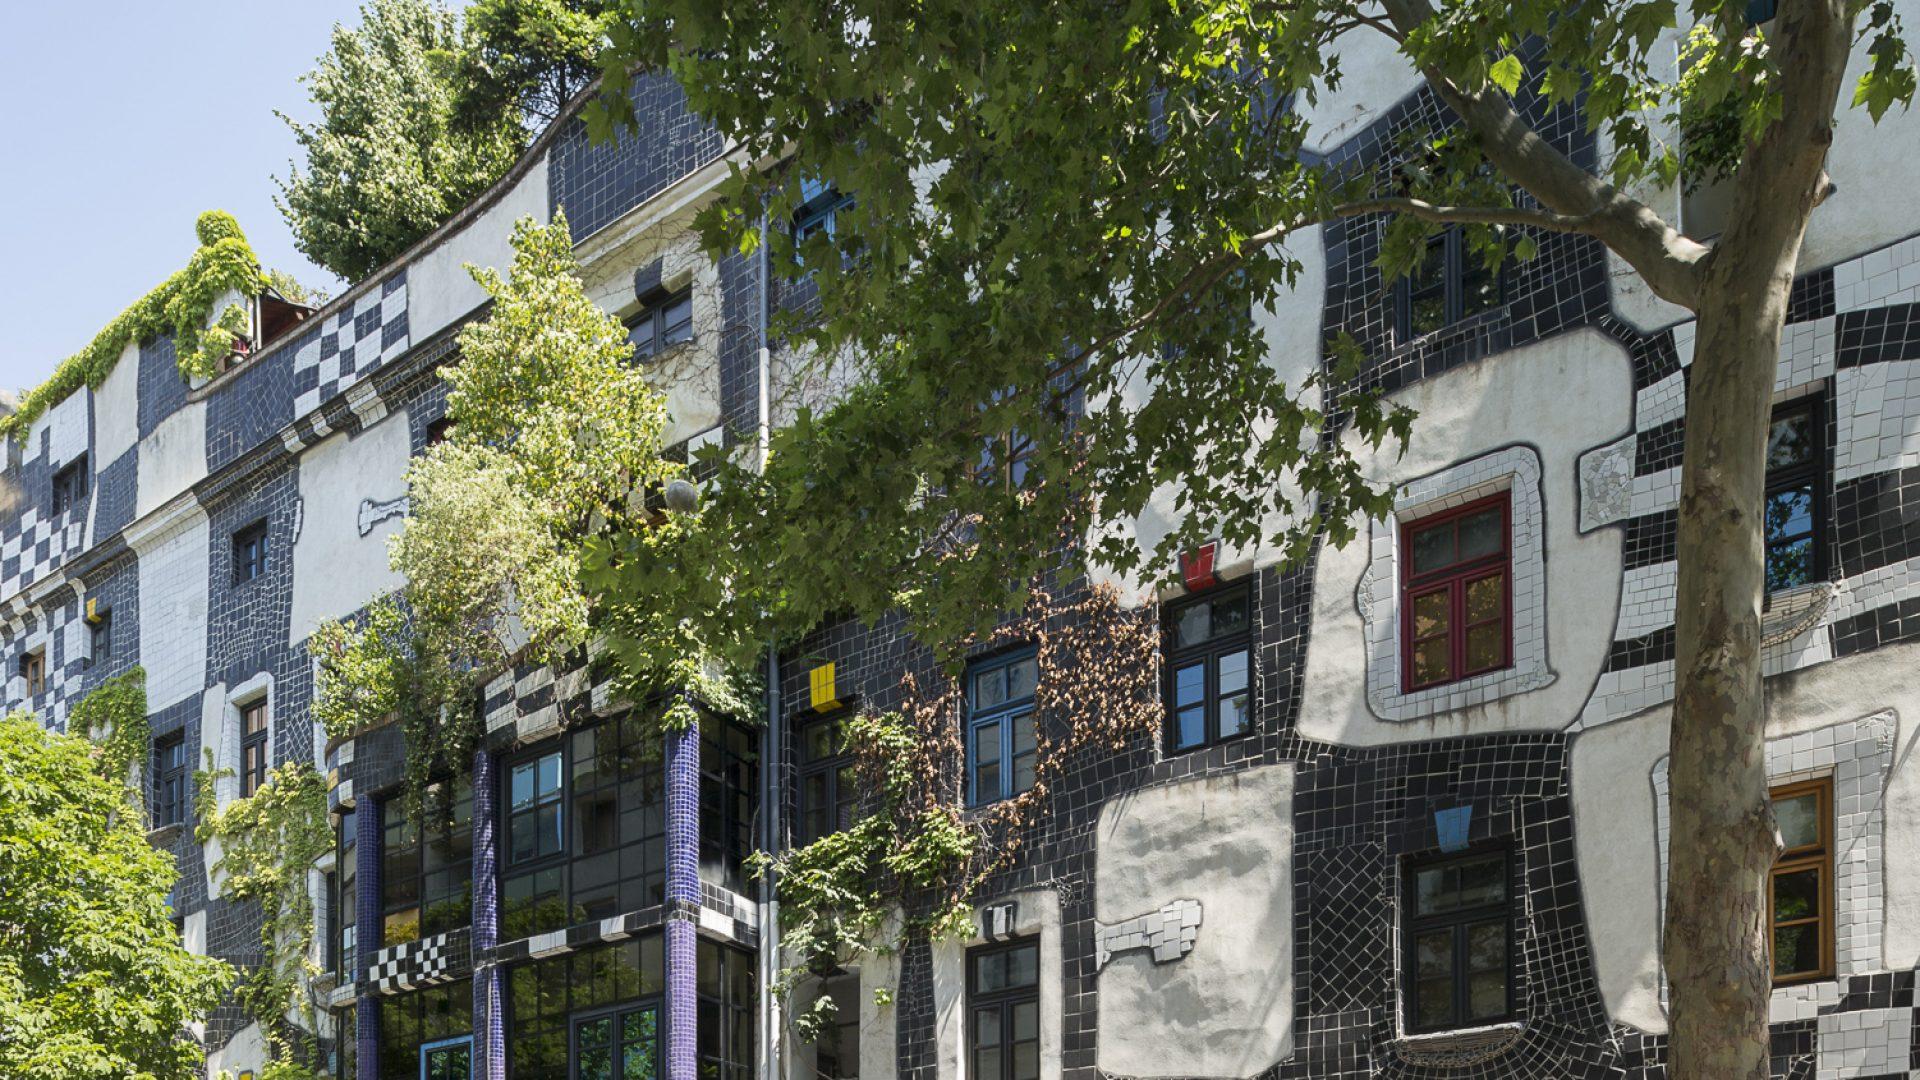 Sans Souci hotel Wien Kunsthaus Wien Fassade_c_EvaKelety